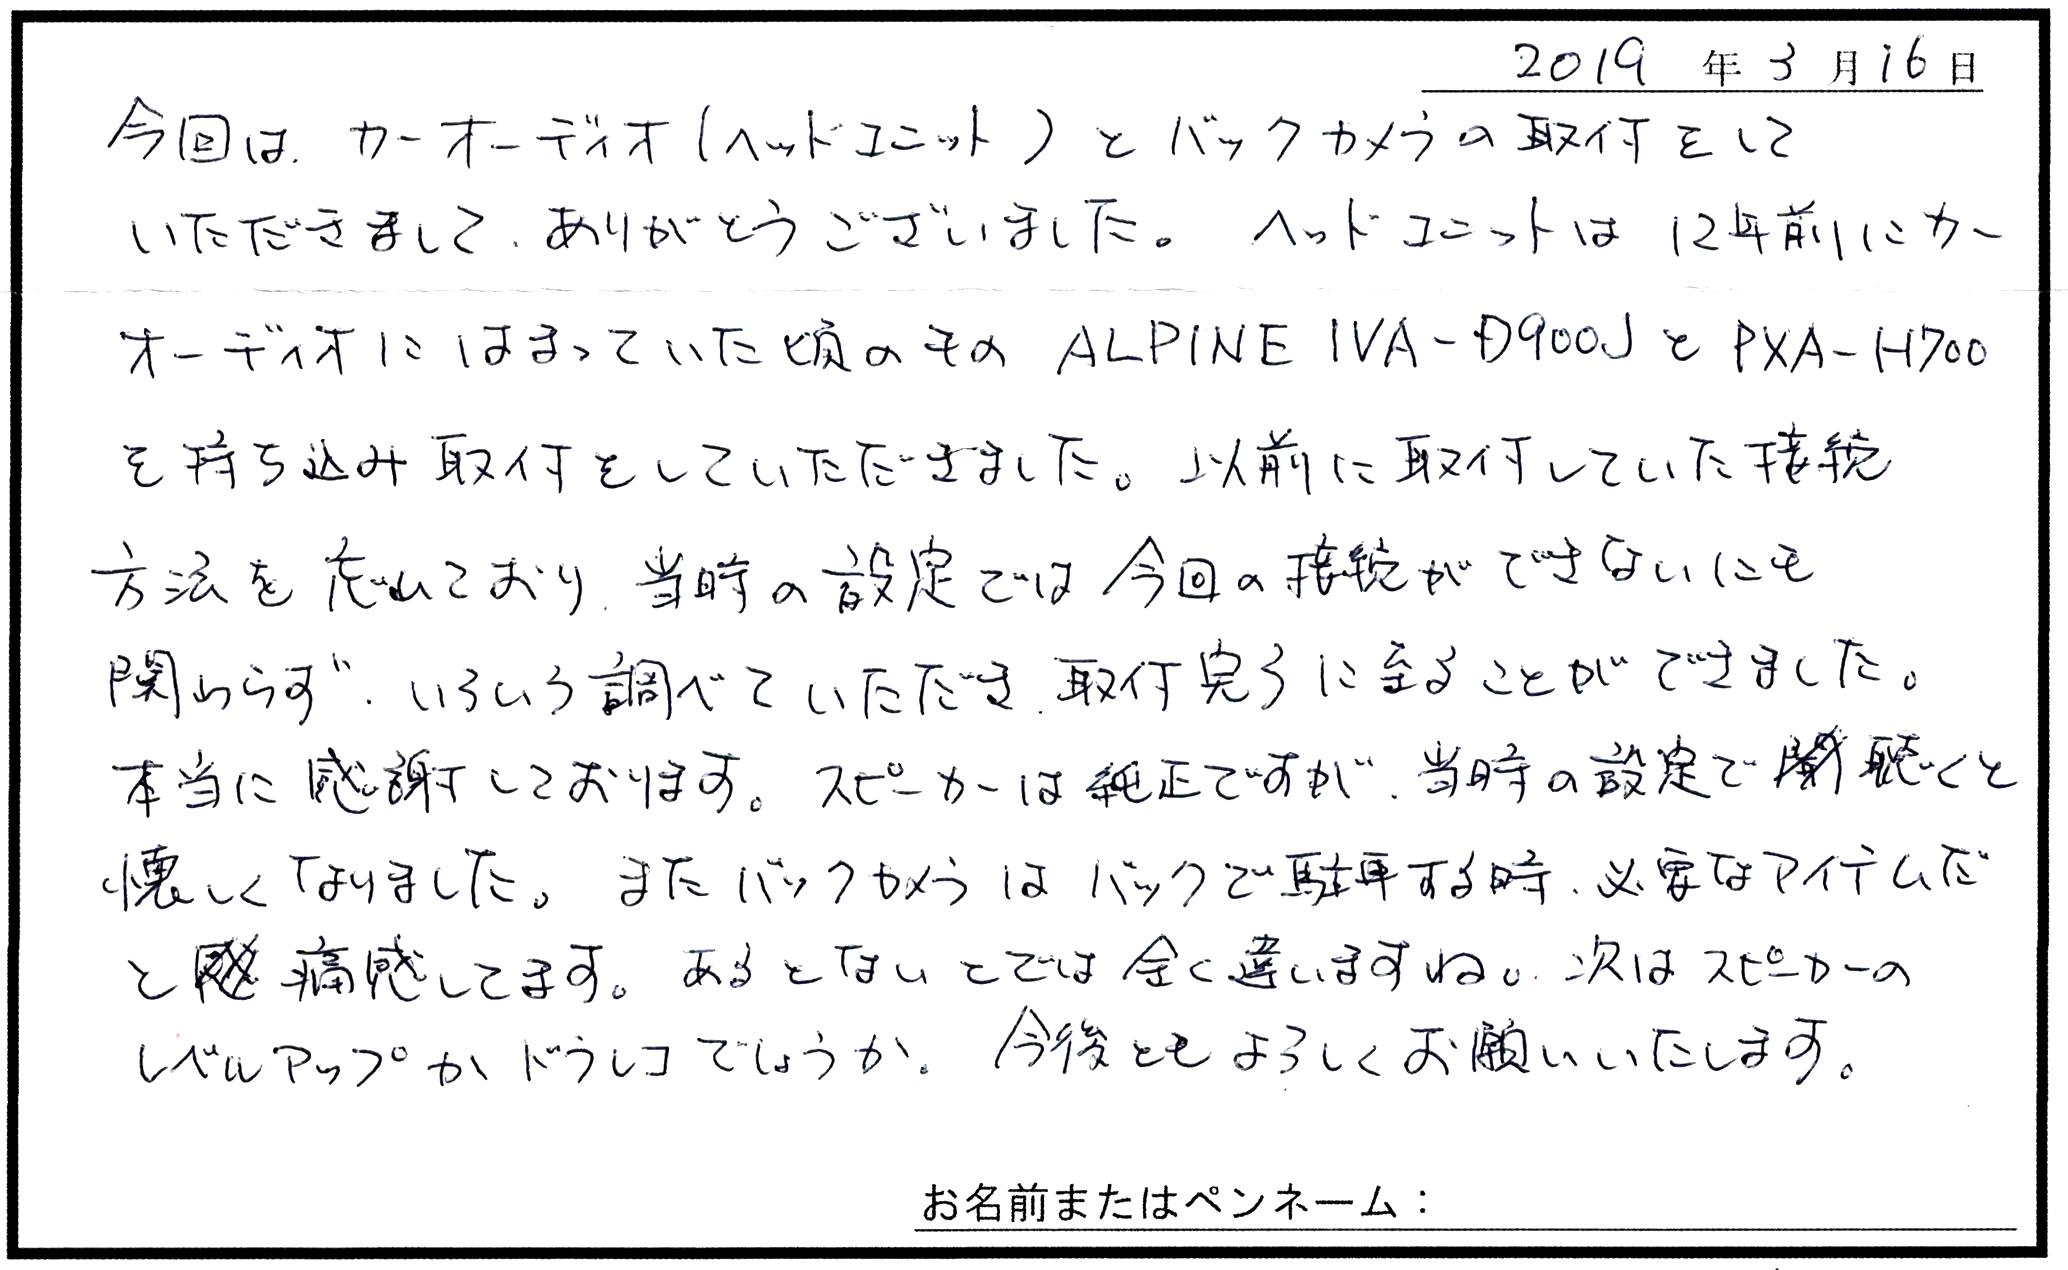 ビーパックスへのクチコミ/お客様の声:M.K. 様(京都府宇治市)/トヨタ マークX